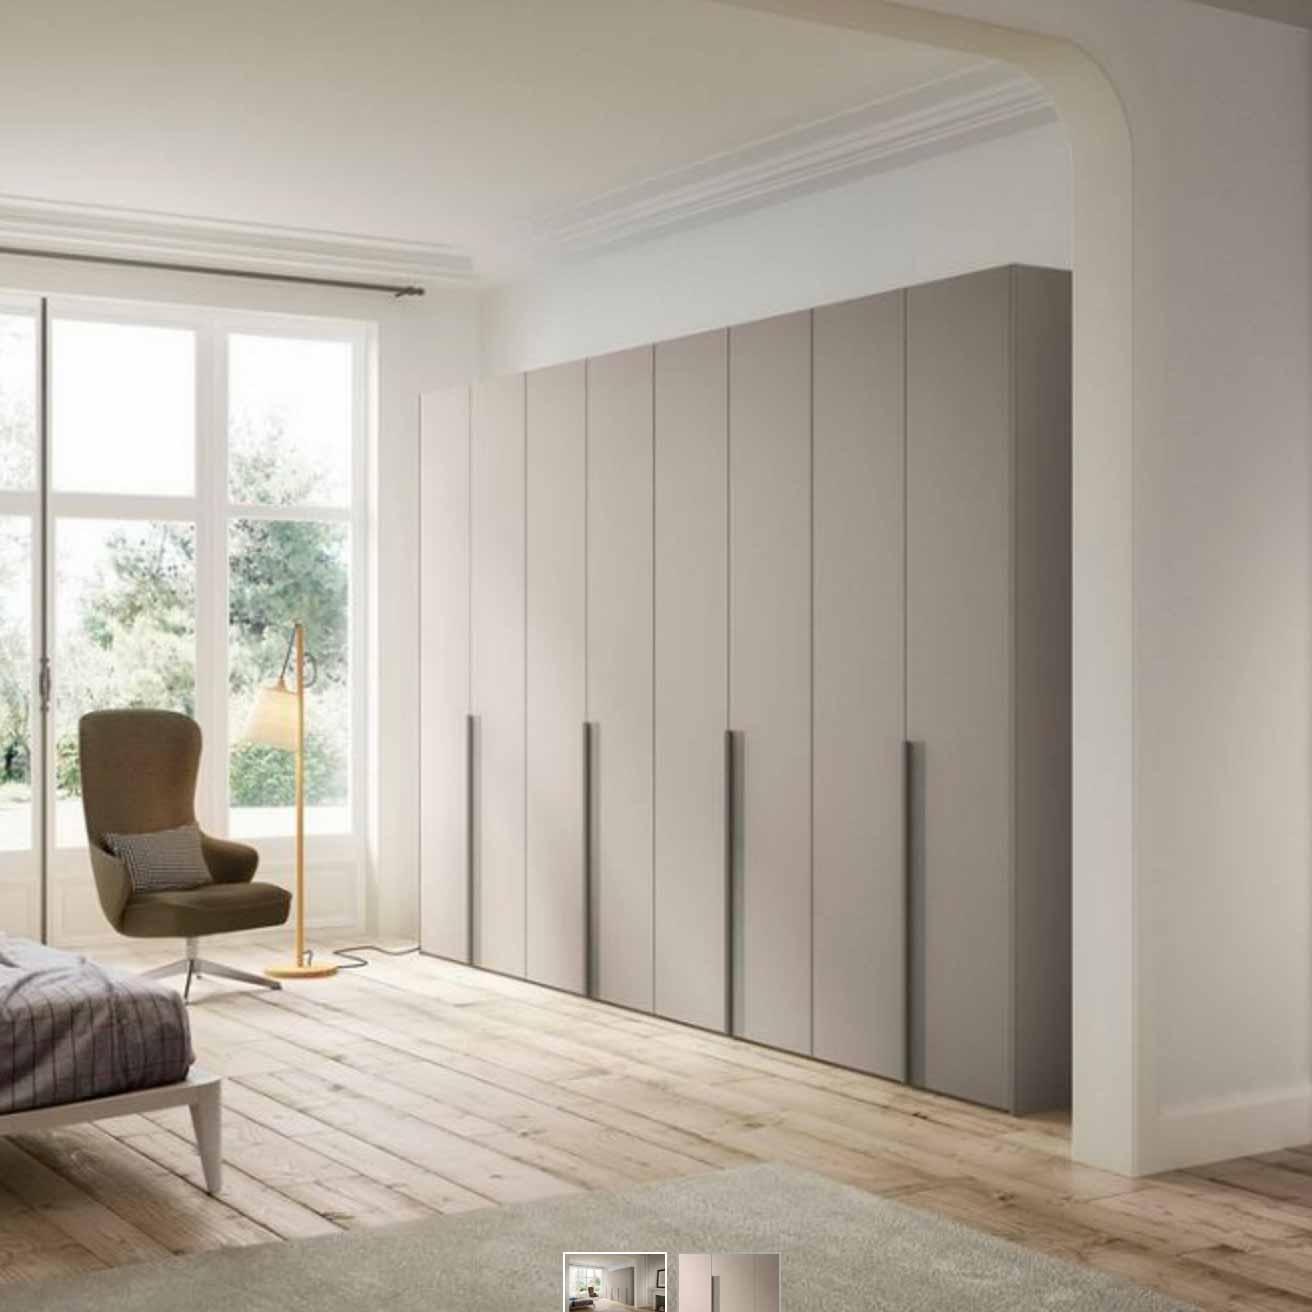 Kleiderschrank designpreis  Schlafzimmermöbel online bestellen - Möbel Bär